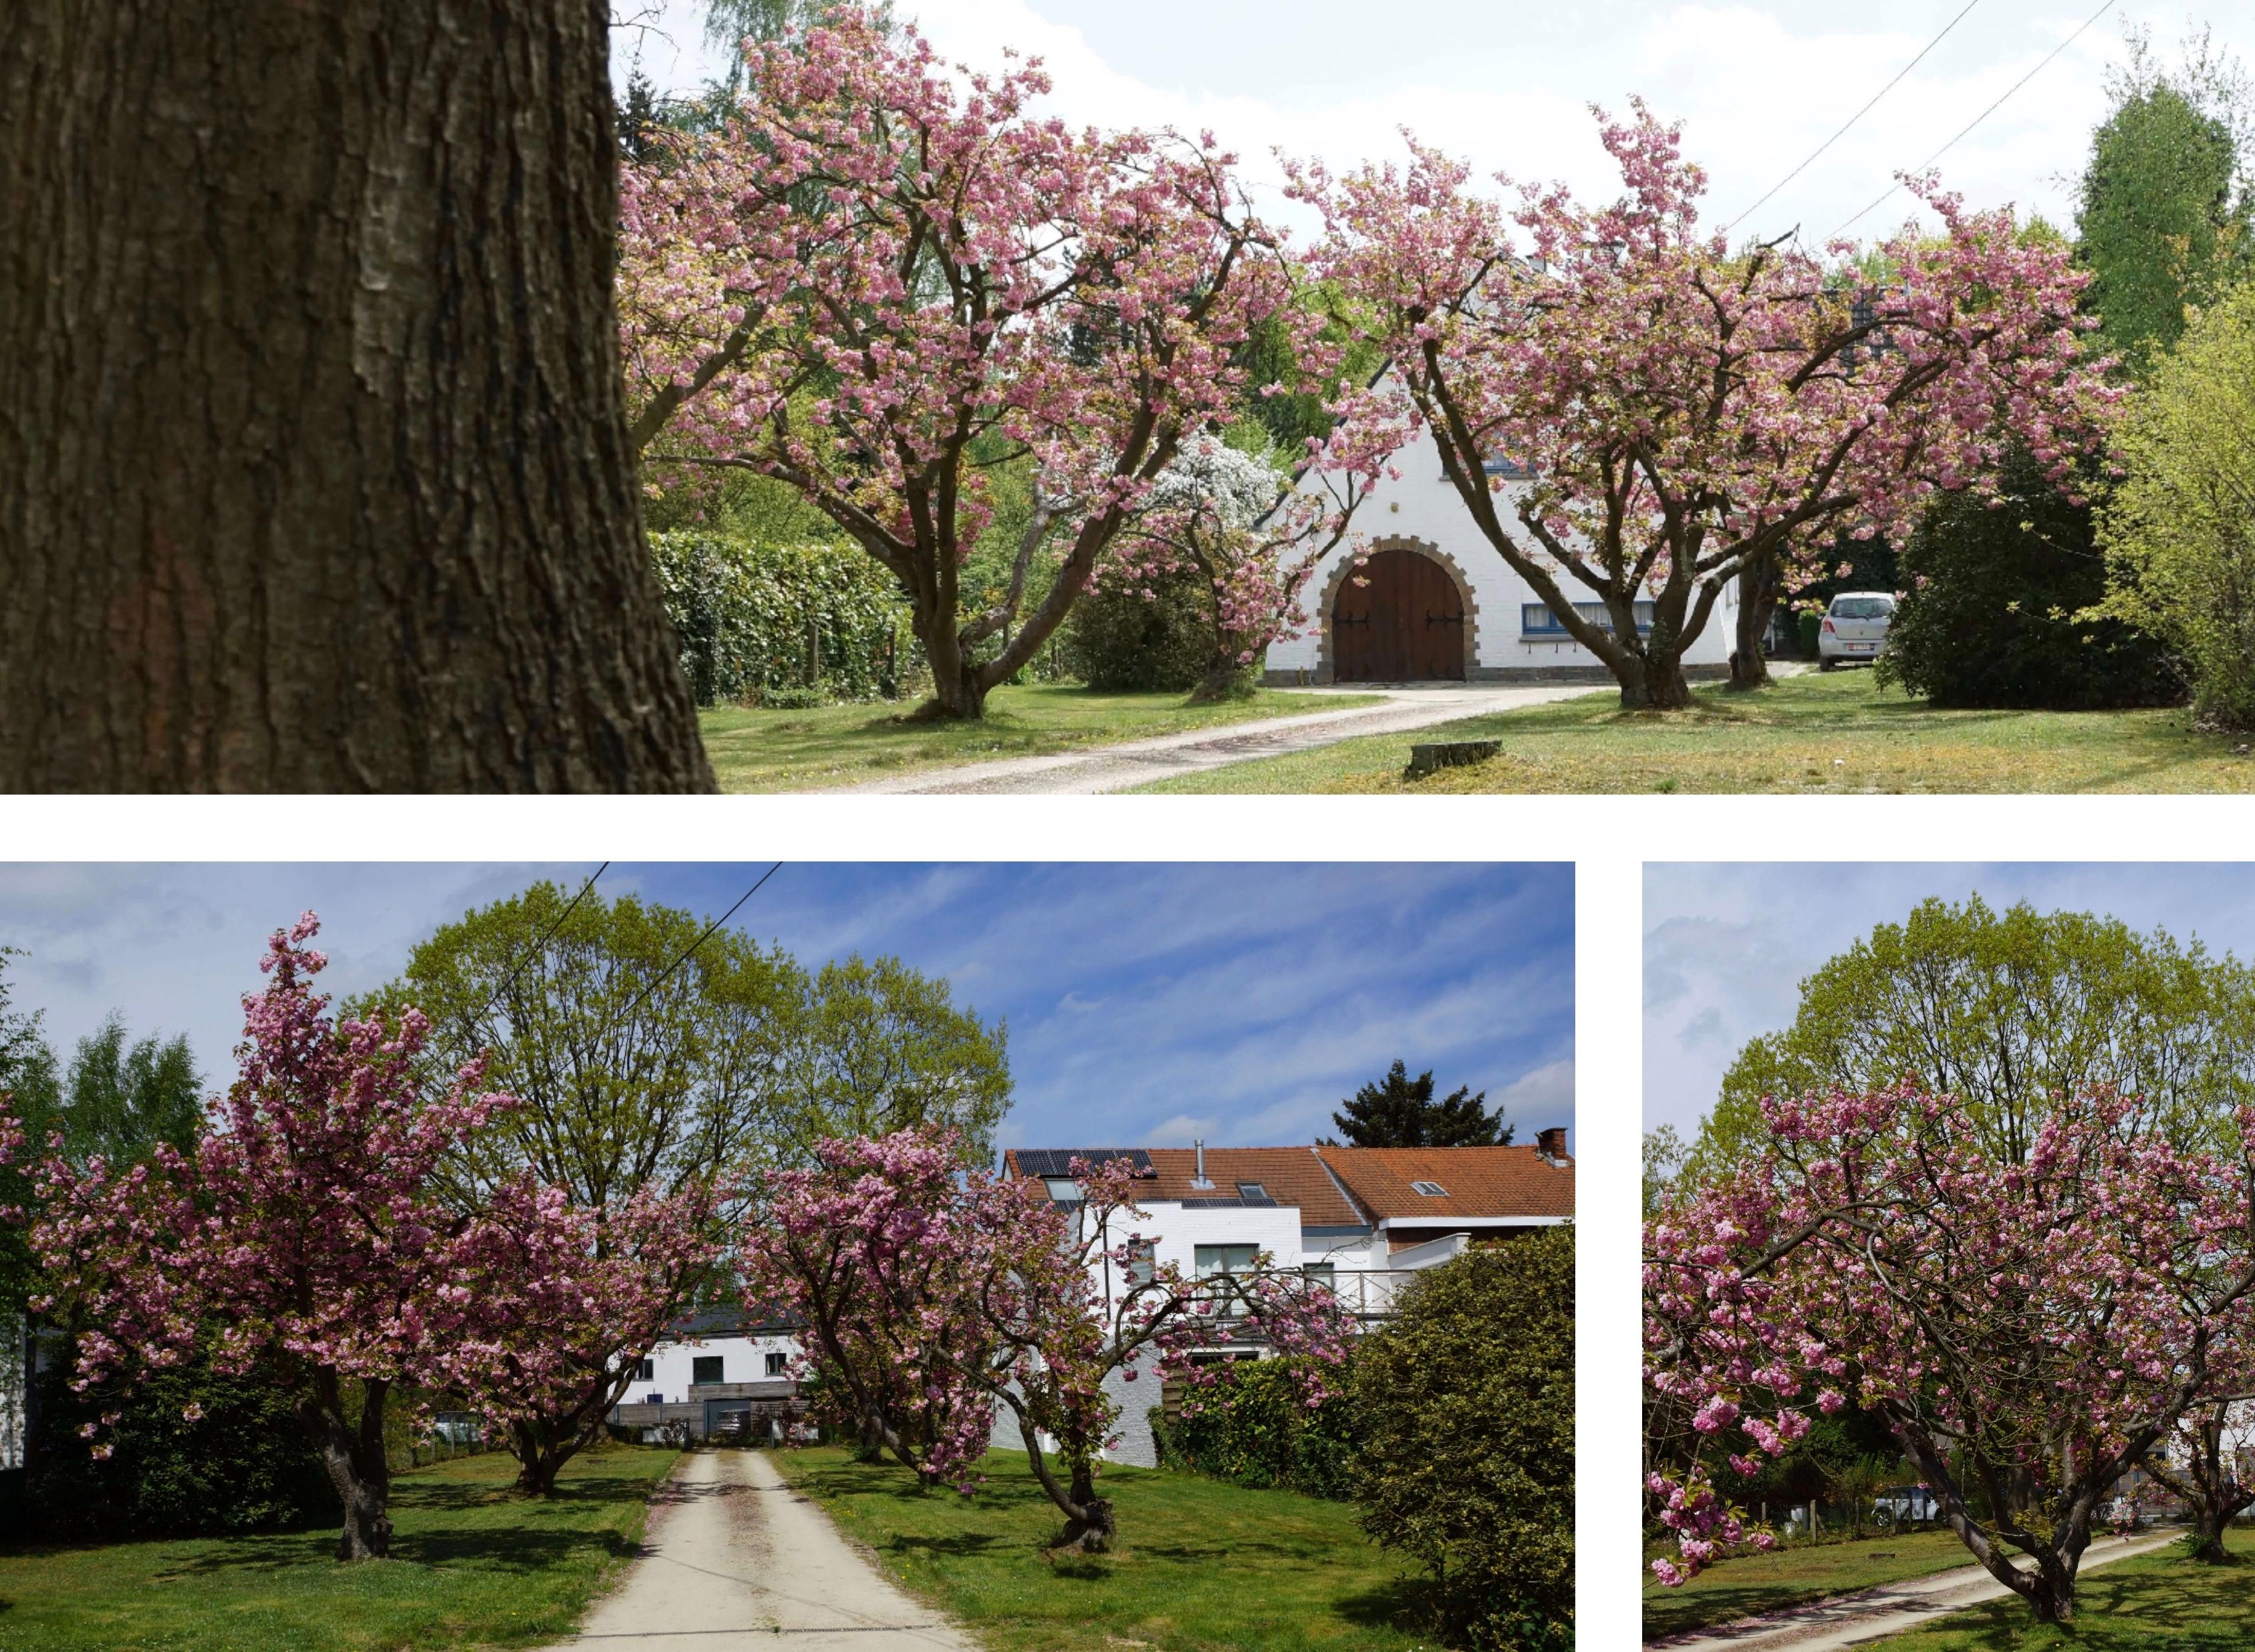 Cerisiers du Japon rue de Nivelles 70 chez Françoise Bennert montage 4.2018 © Eric de Séjournet